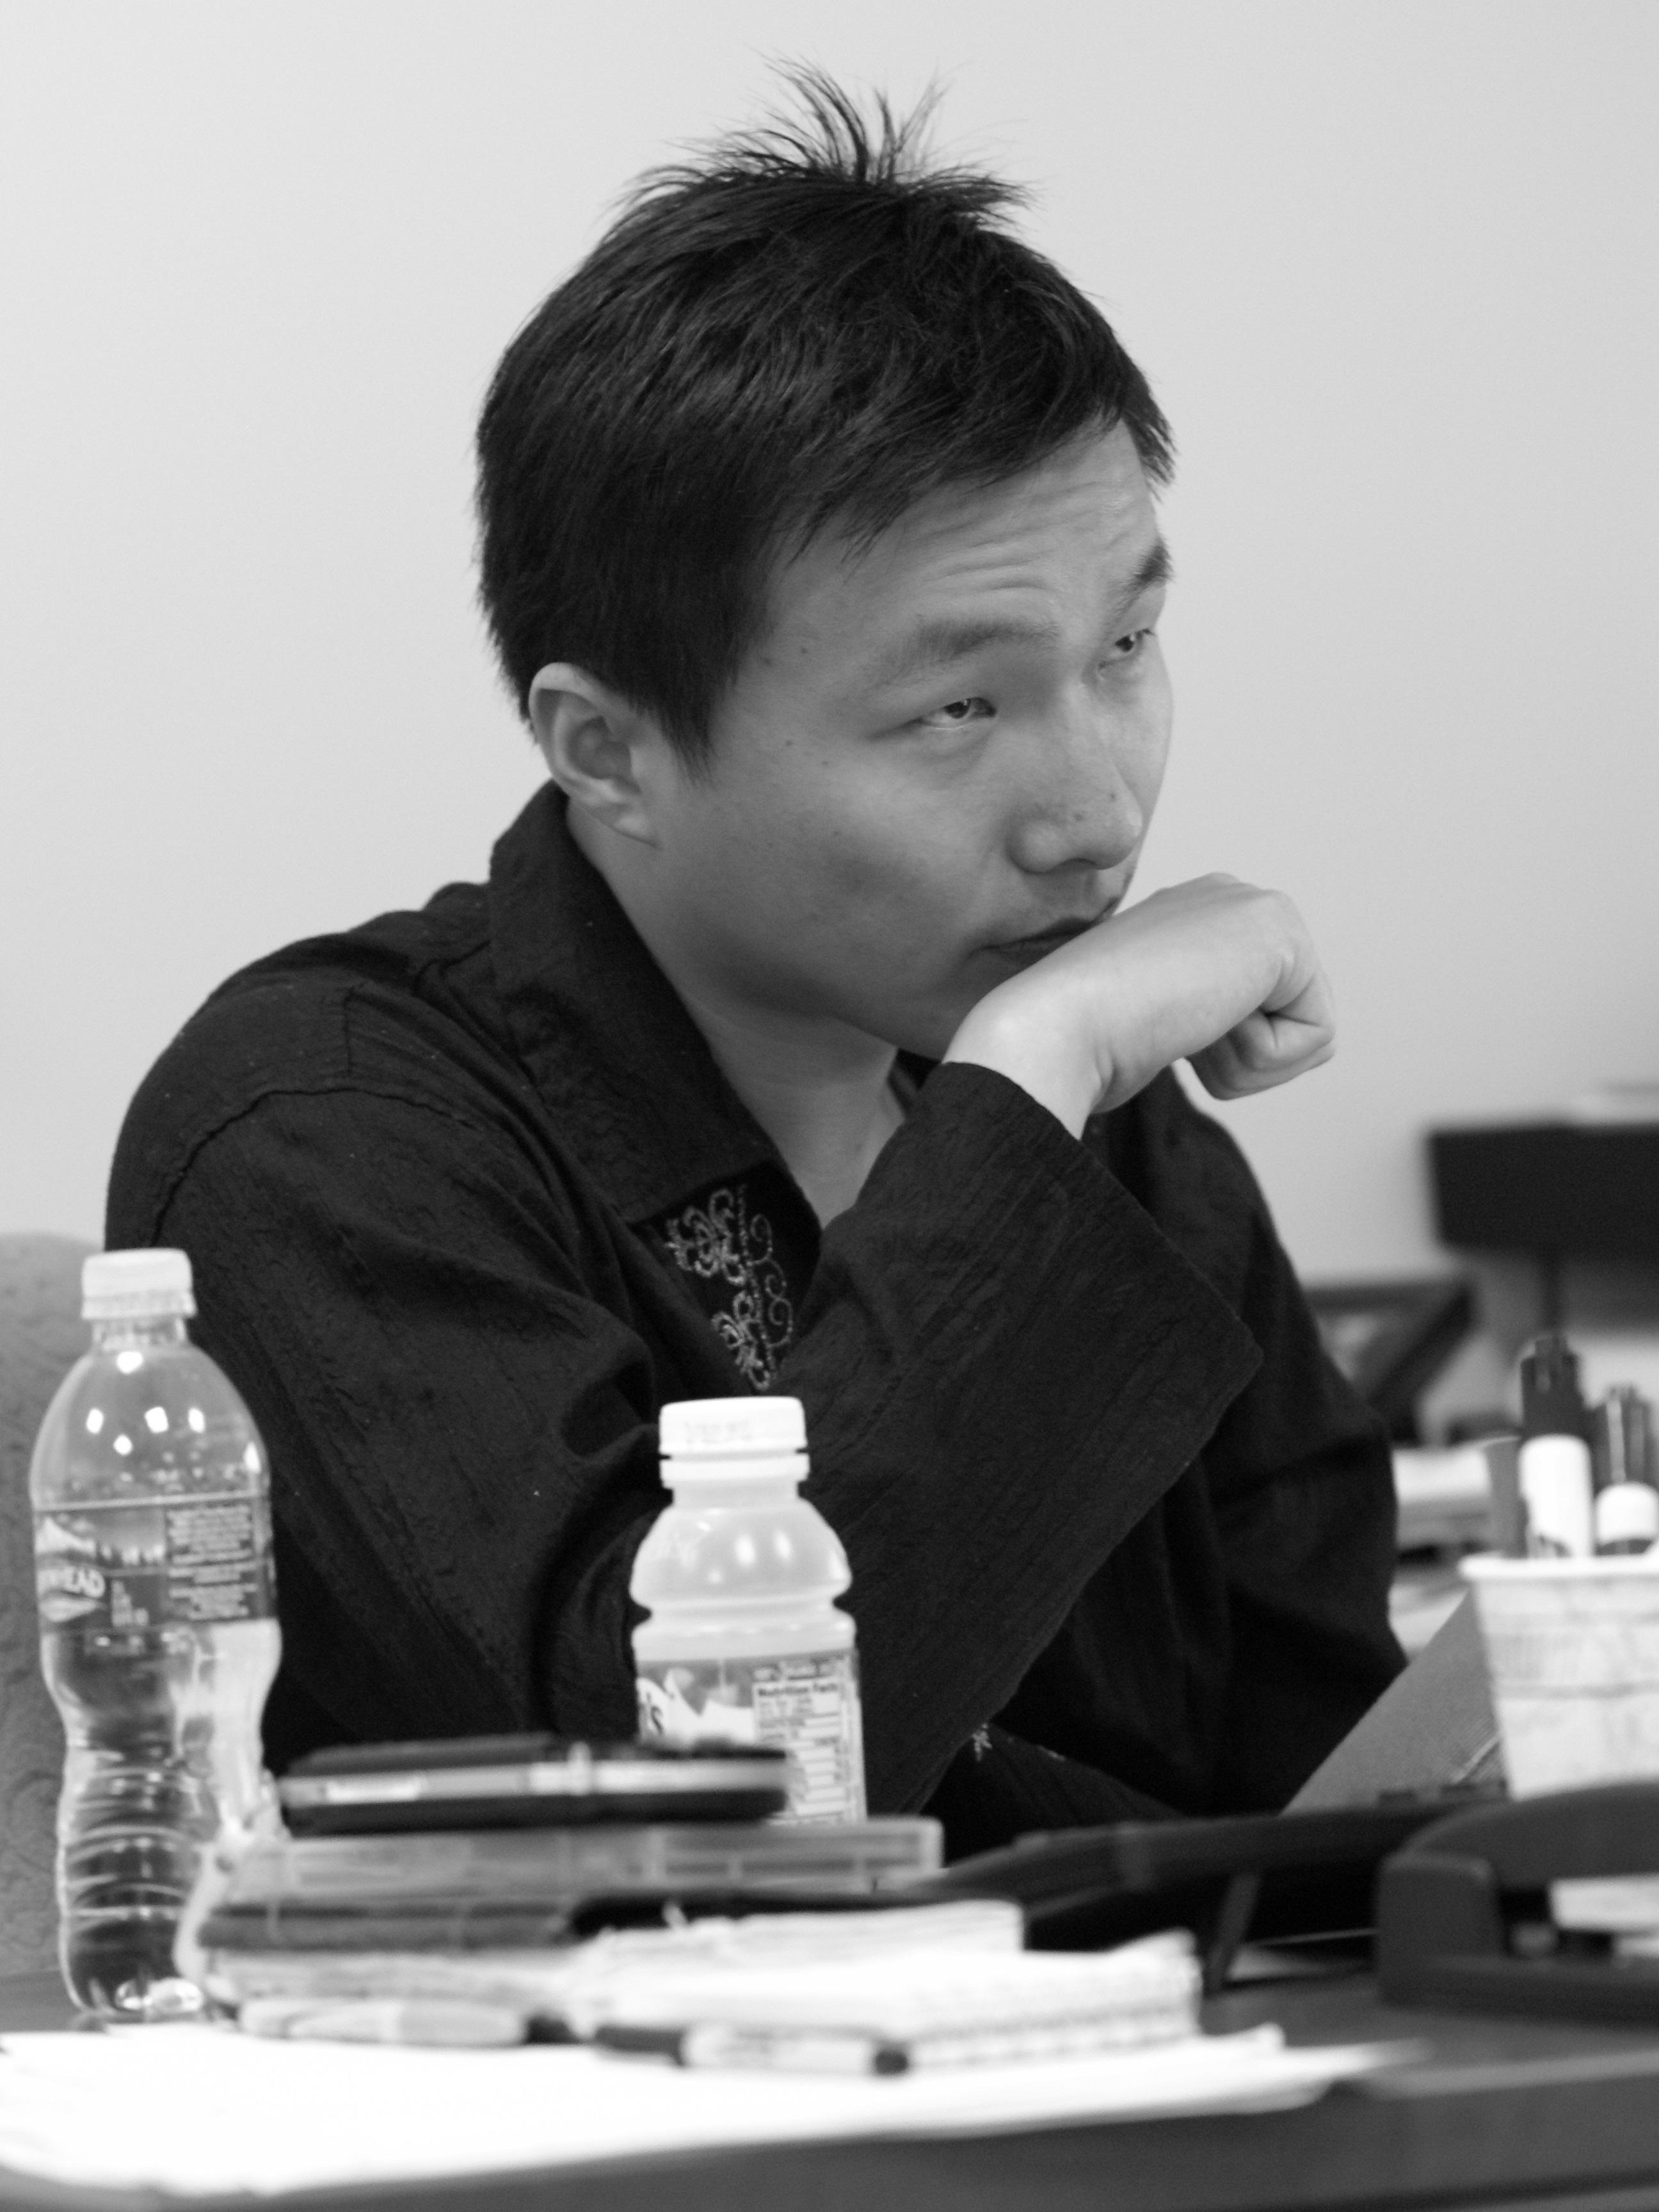 jenova chen master thesis